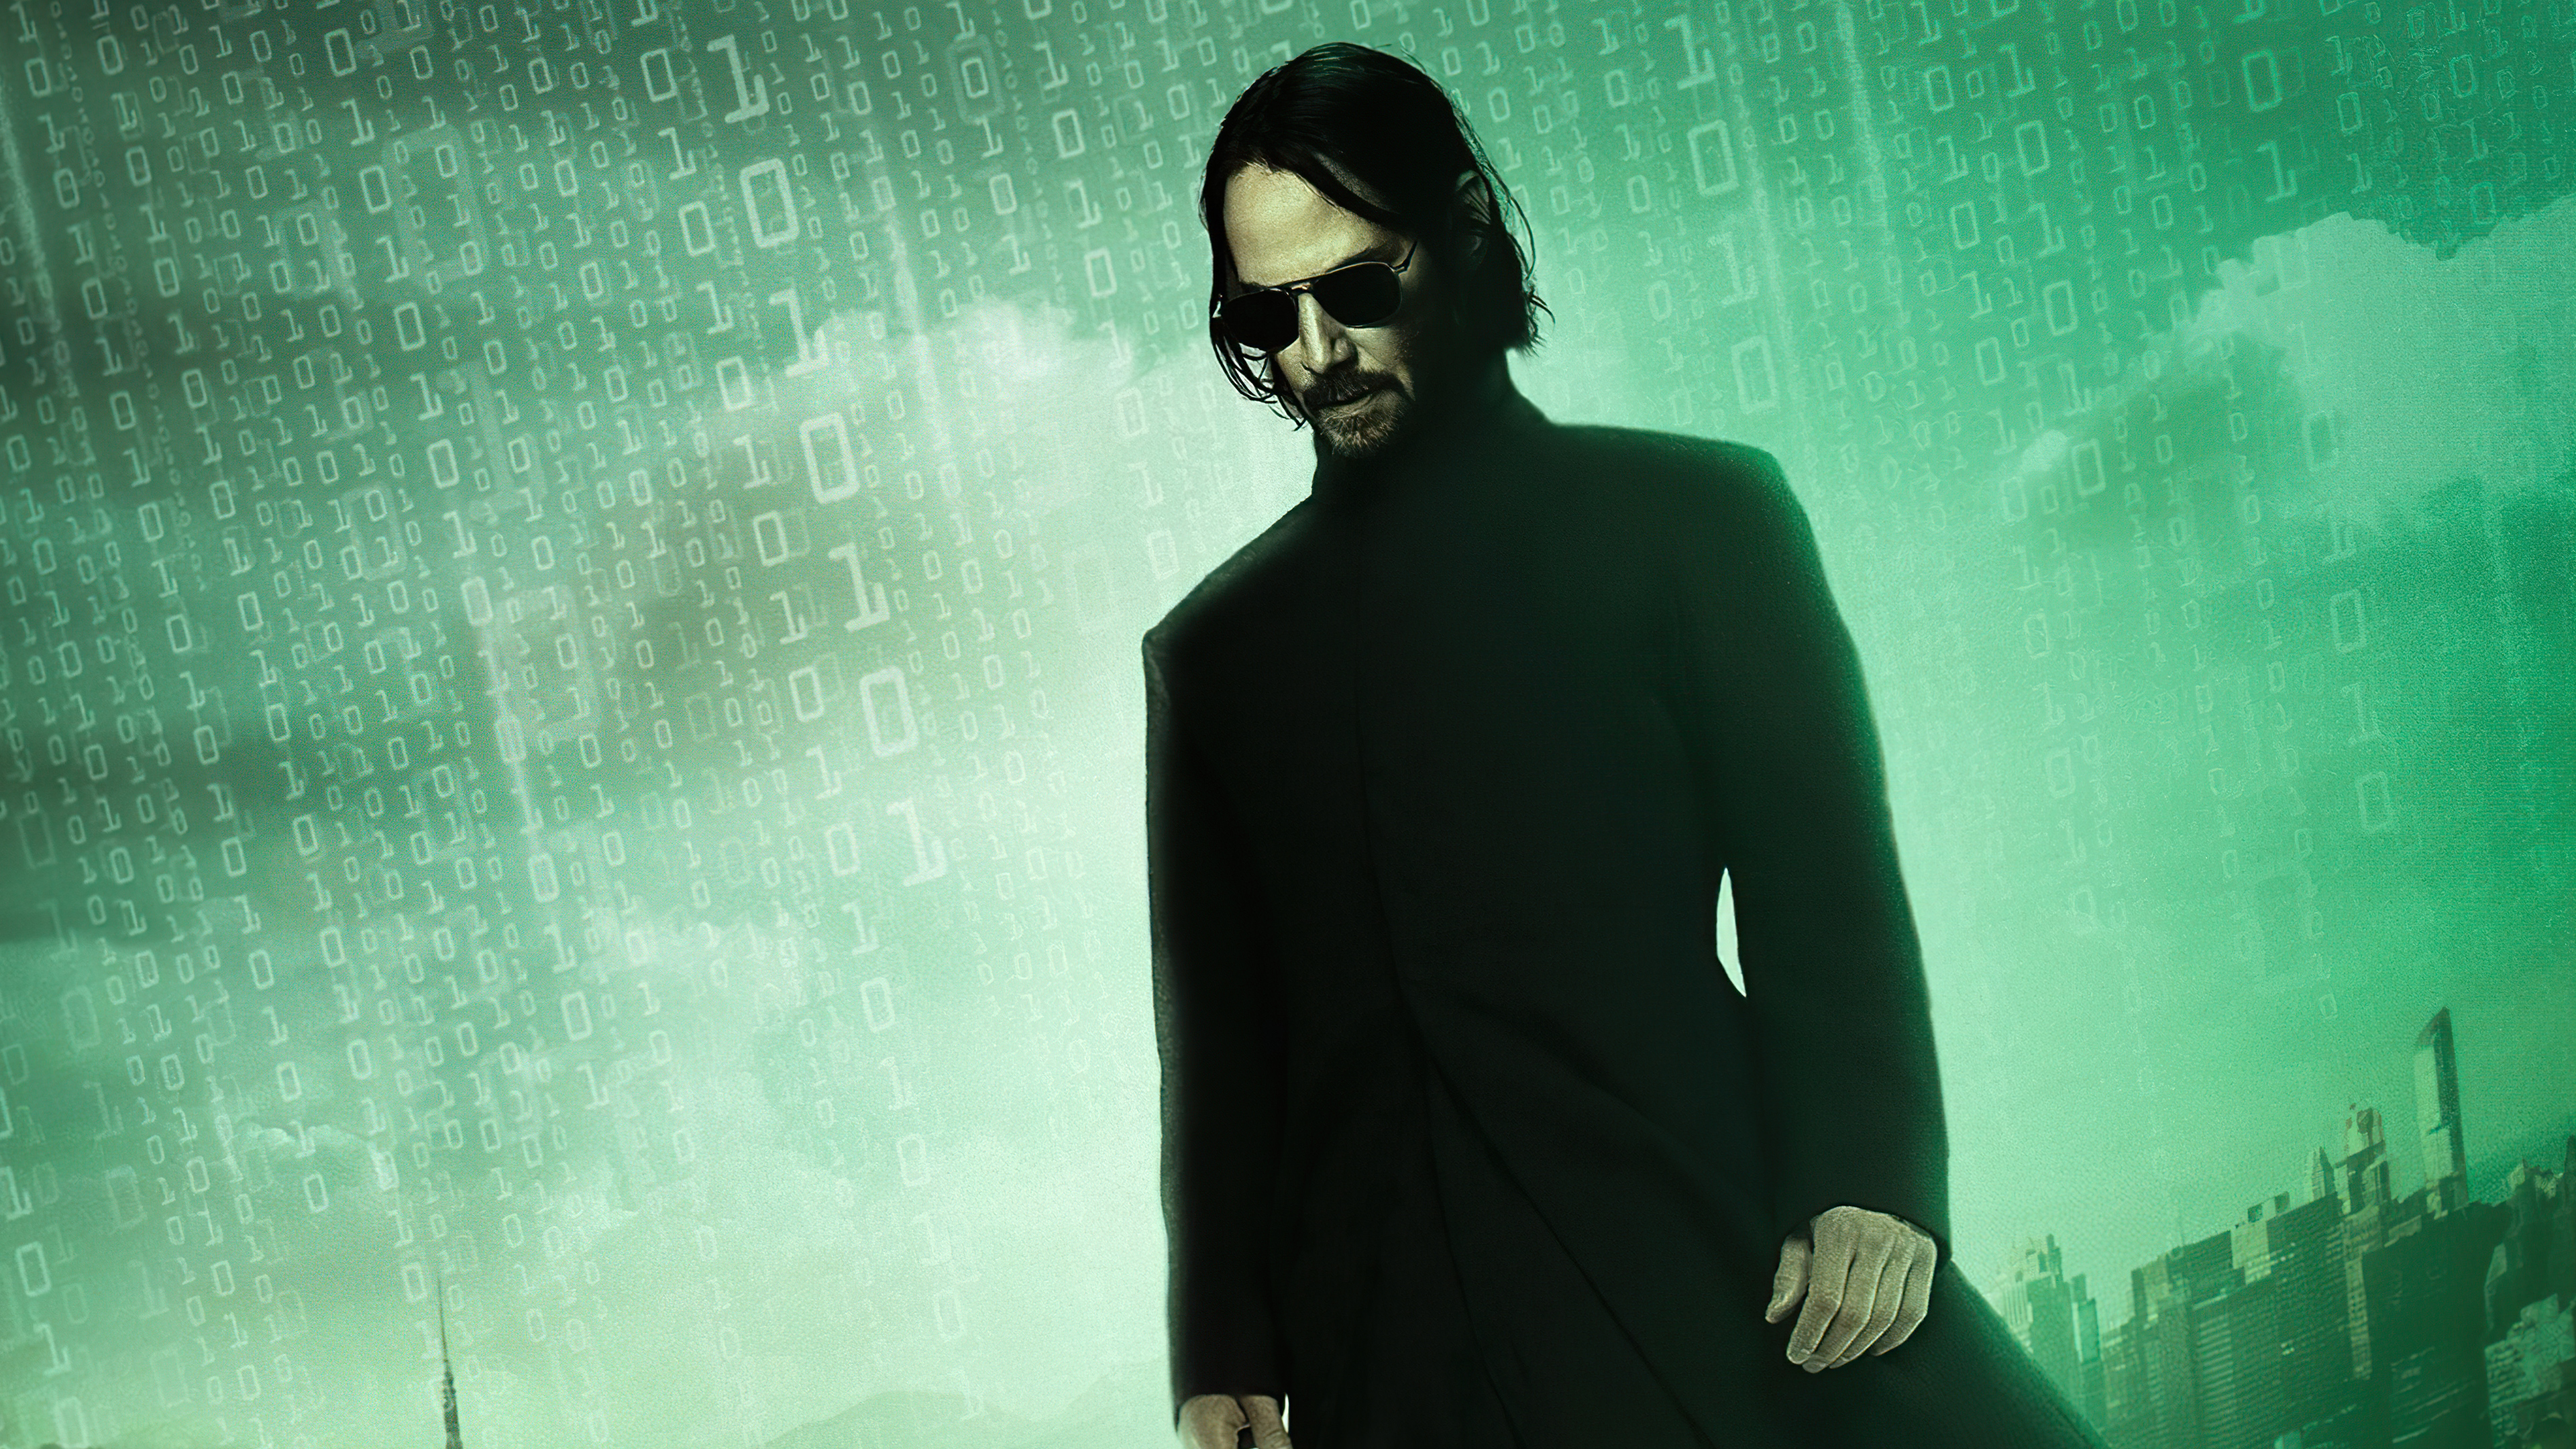 Fondos de pantalla The Matrix Resurrections